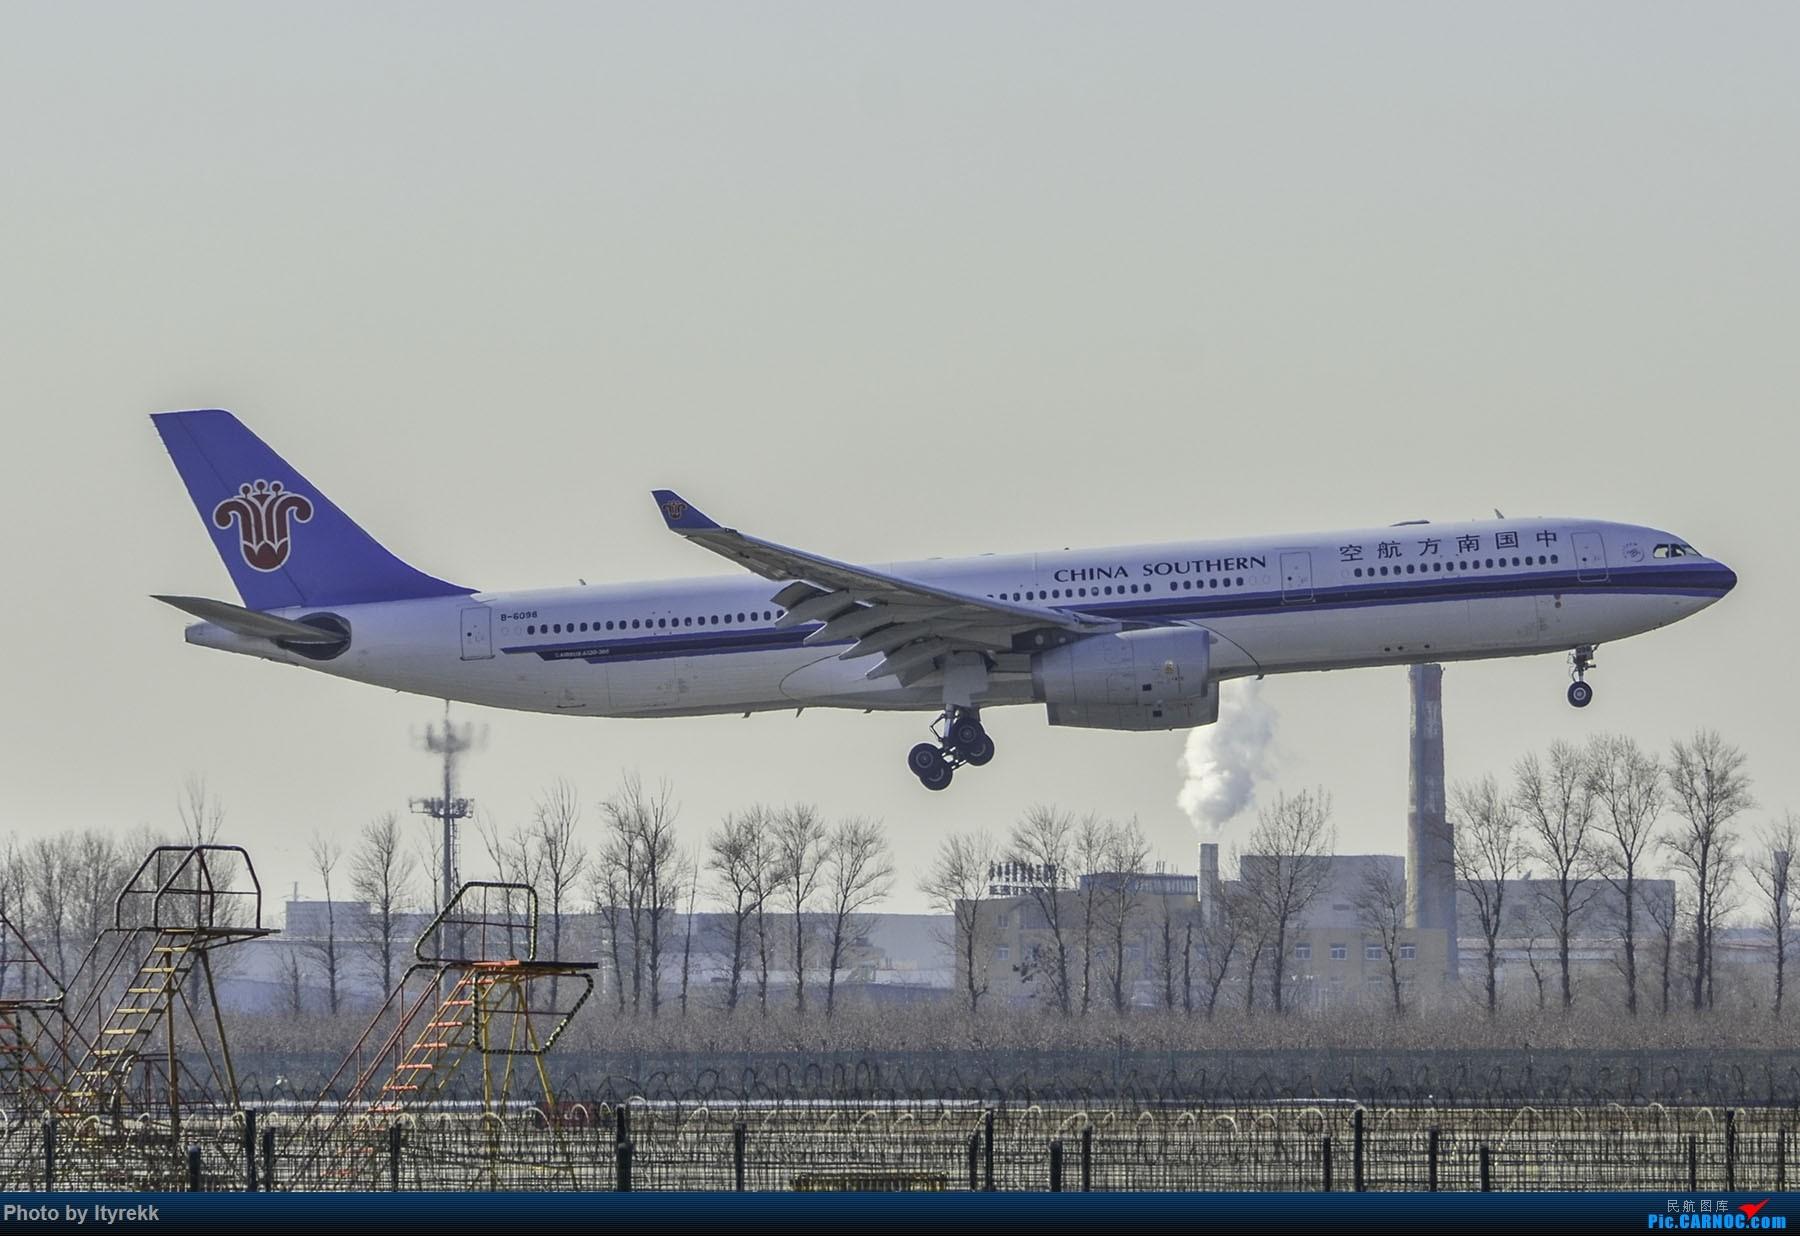 Re:[原创]PEK一日游 收获厦航首架789 B-1566等 AIRBUS A330-300 B-6098 中国北京首都国际机场